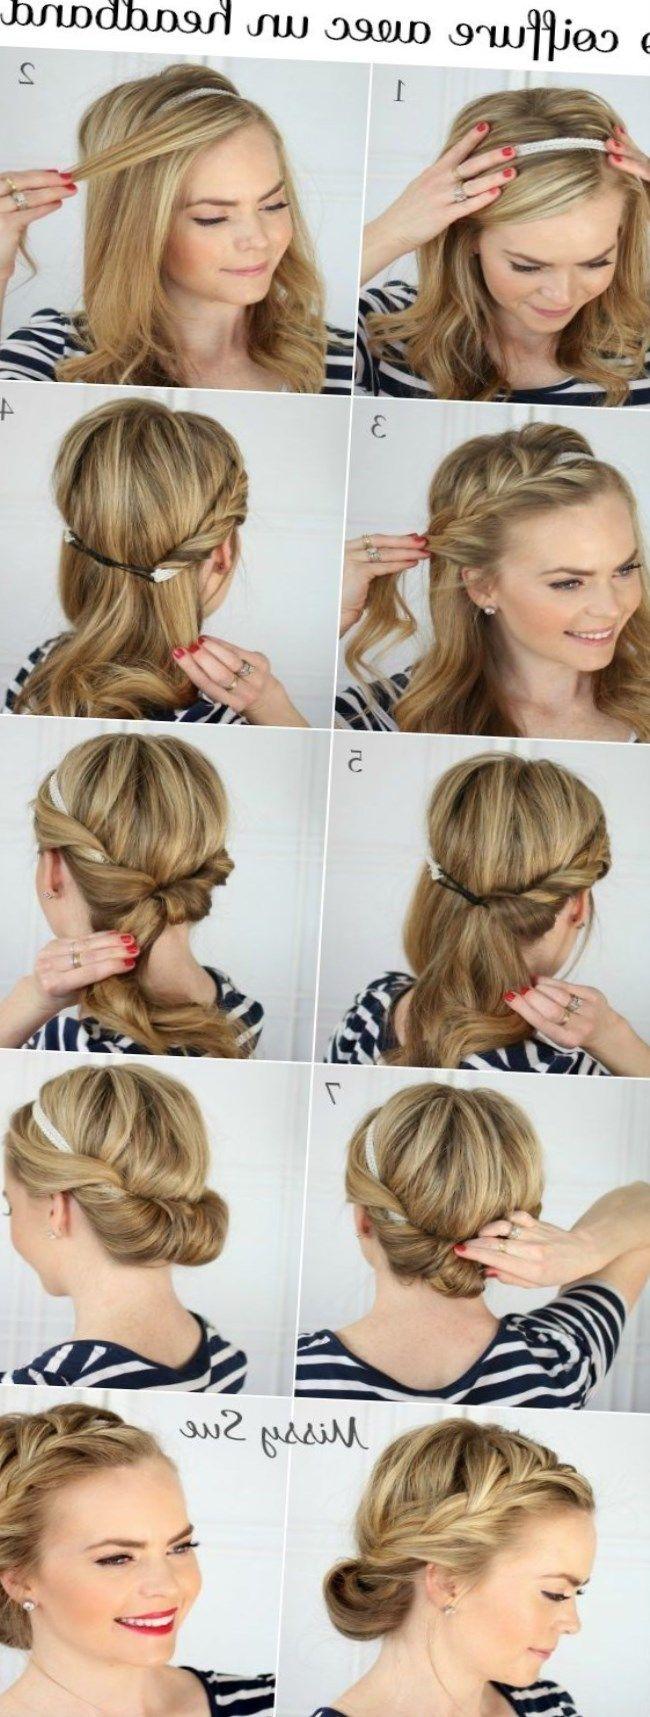 Frisur Mit Kopfband Kopftuch Bandanabinden Locken Haare